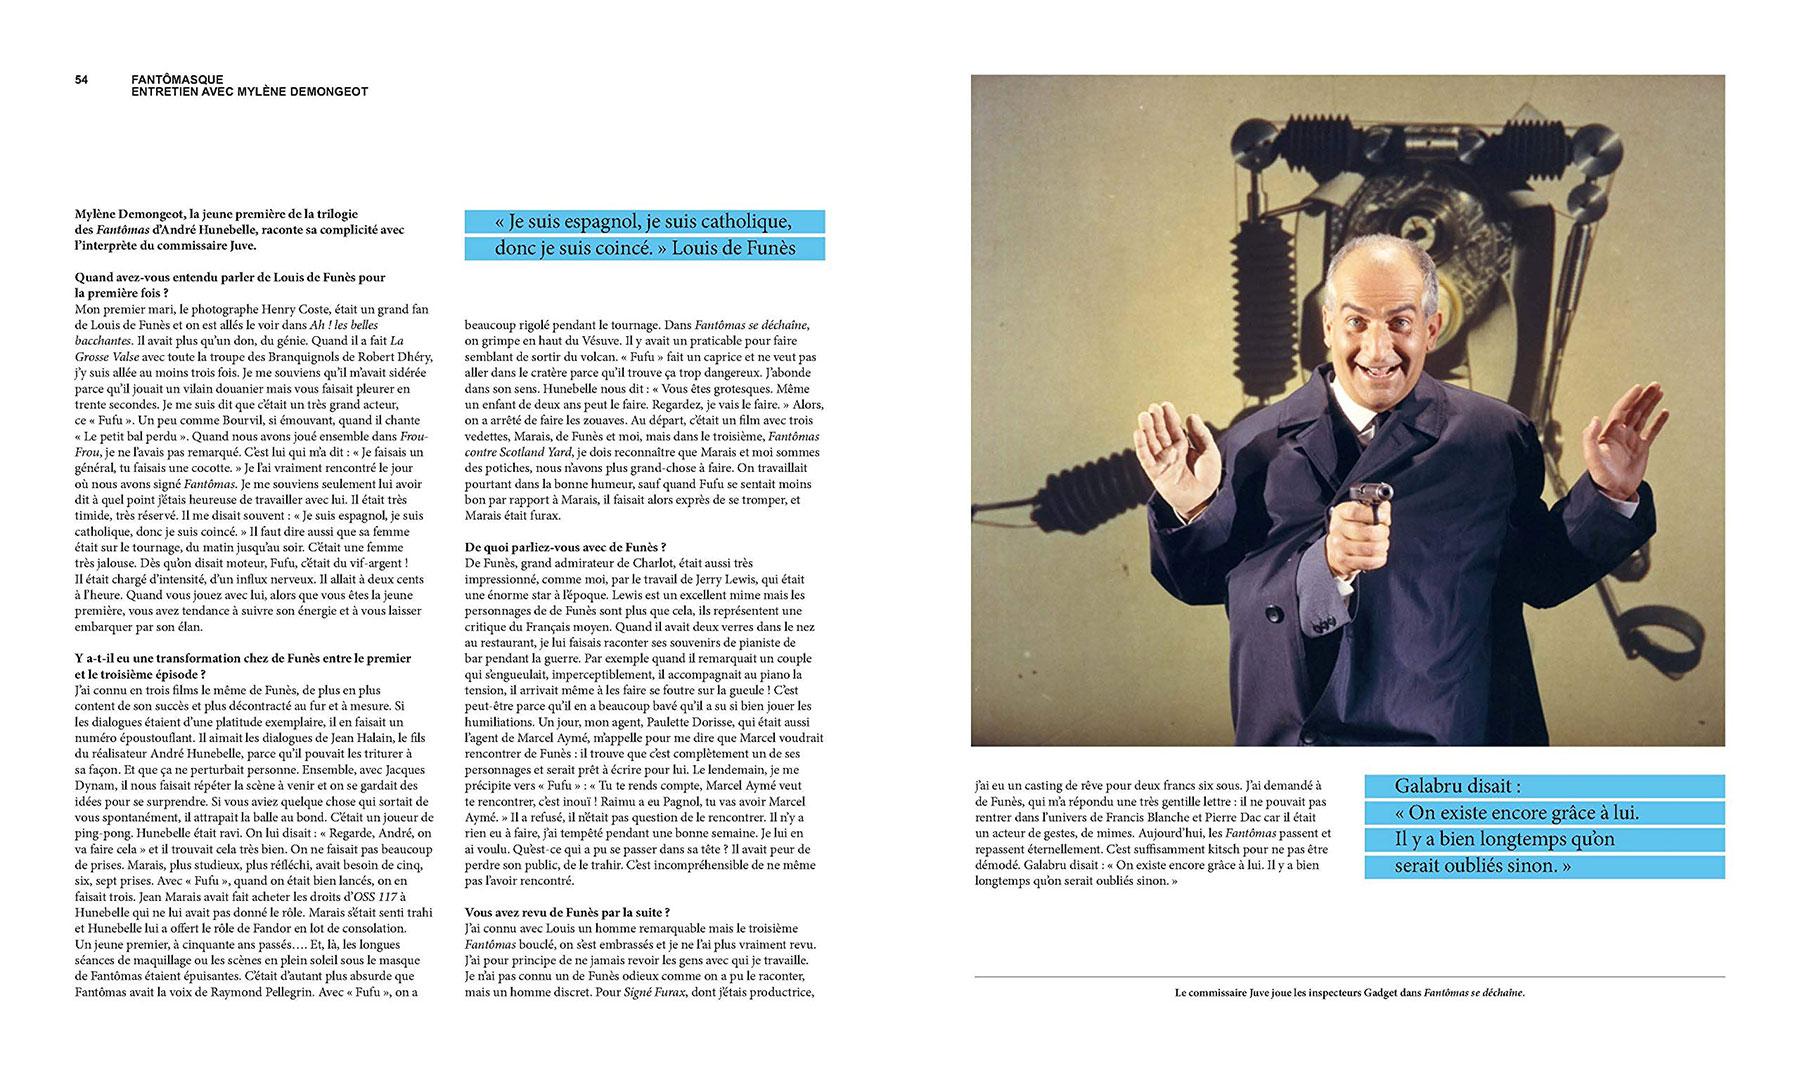 Louis de Funès, à la folie - sous la direction d'Alain Kruger (La Cinémathèque française/Éditions de La Martinière) - pages 54-55